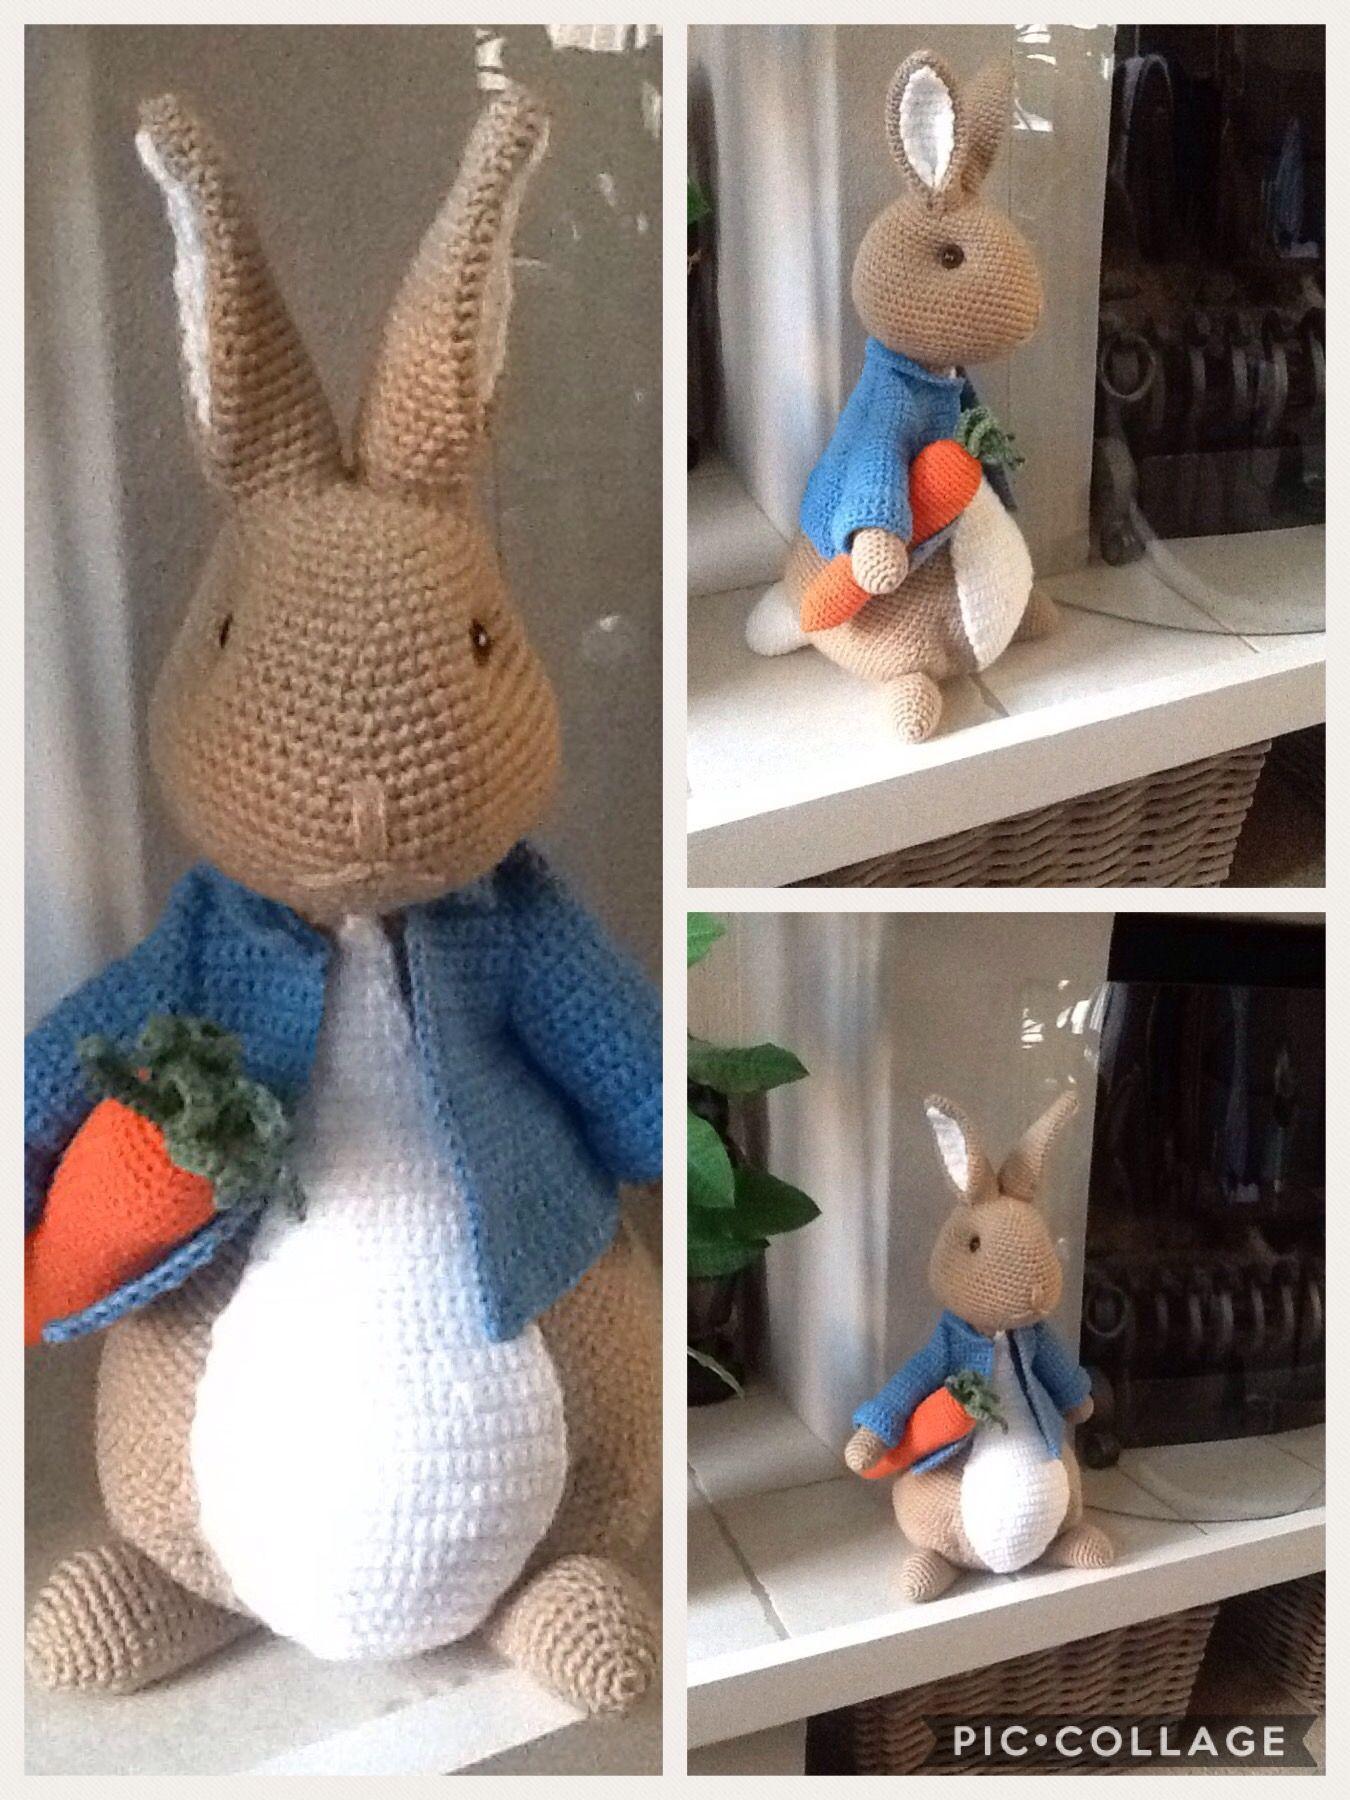 Mijn Tweede Peter Rabbit Patroon Van Anja Toonen Paashaas